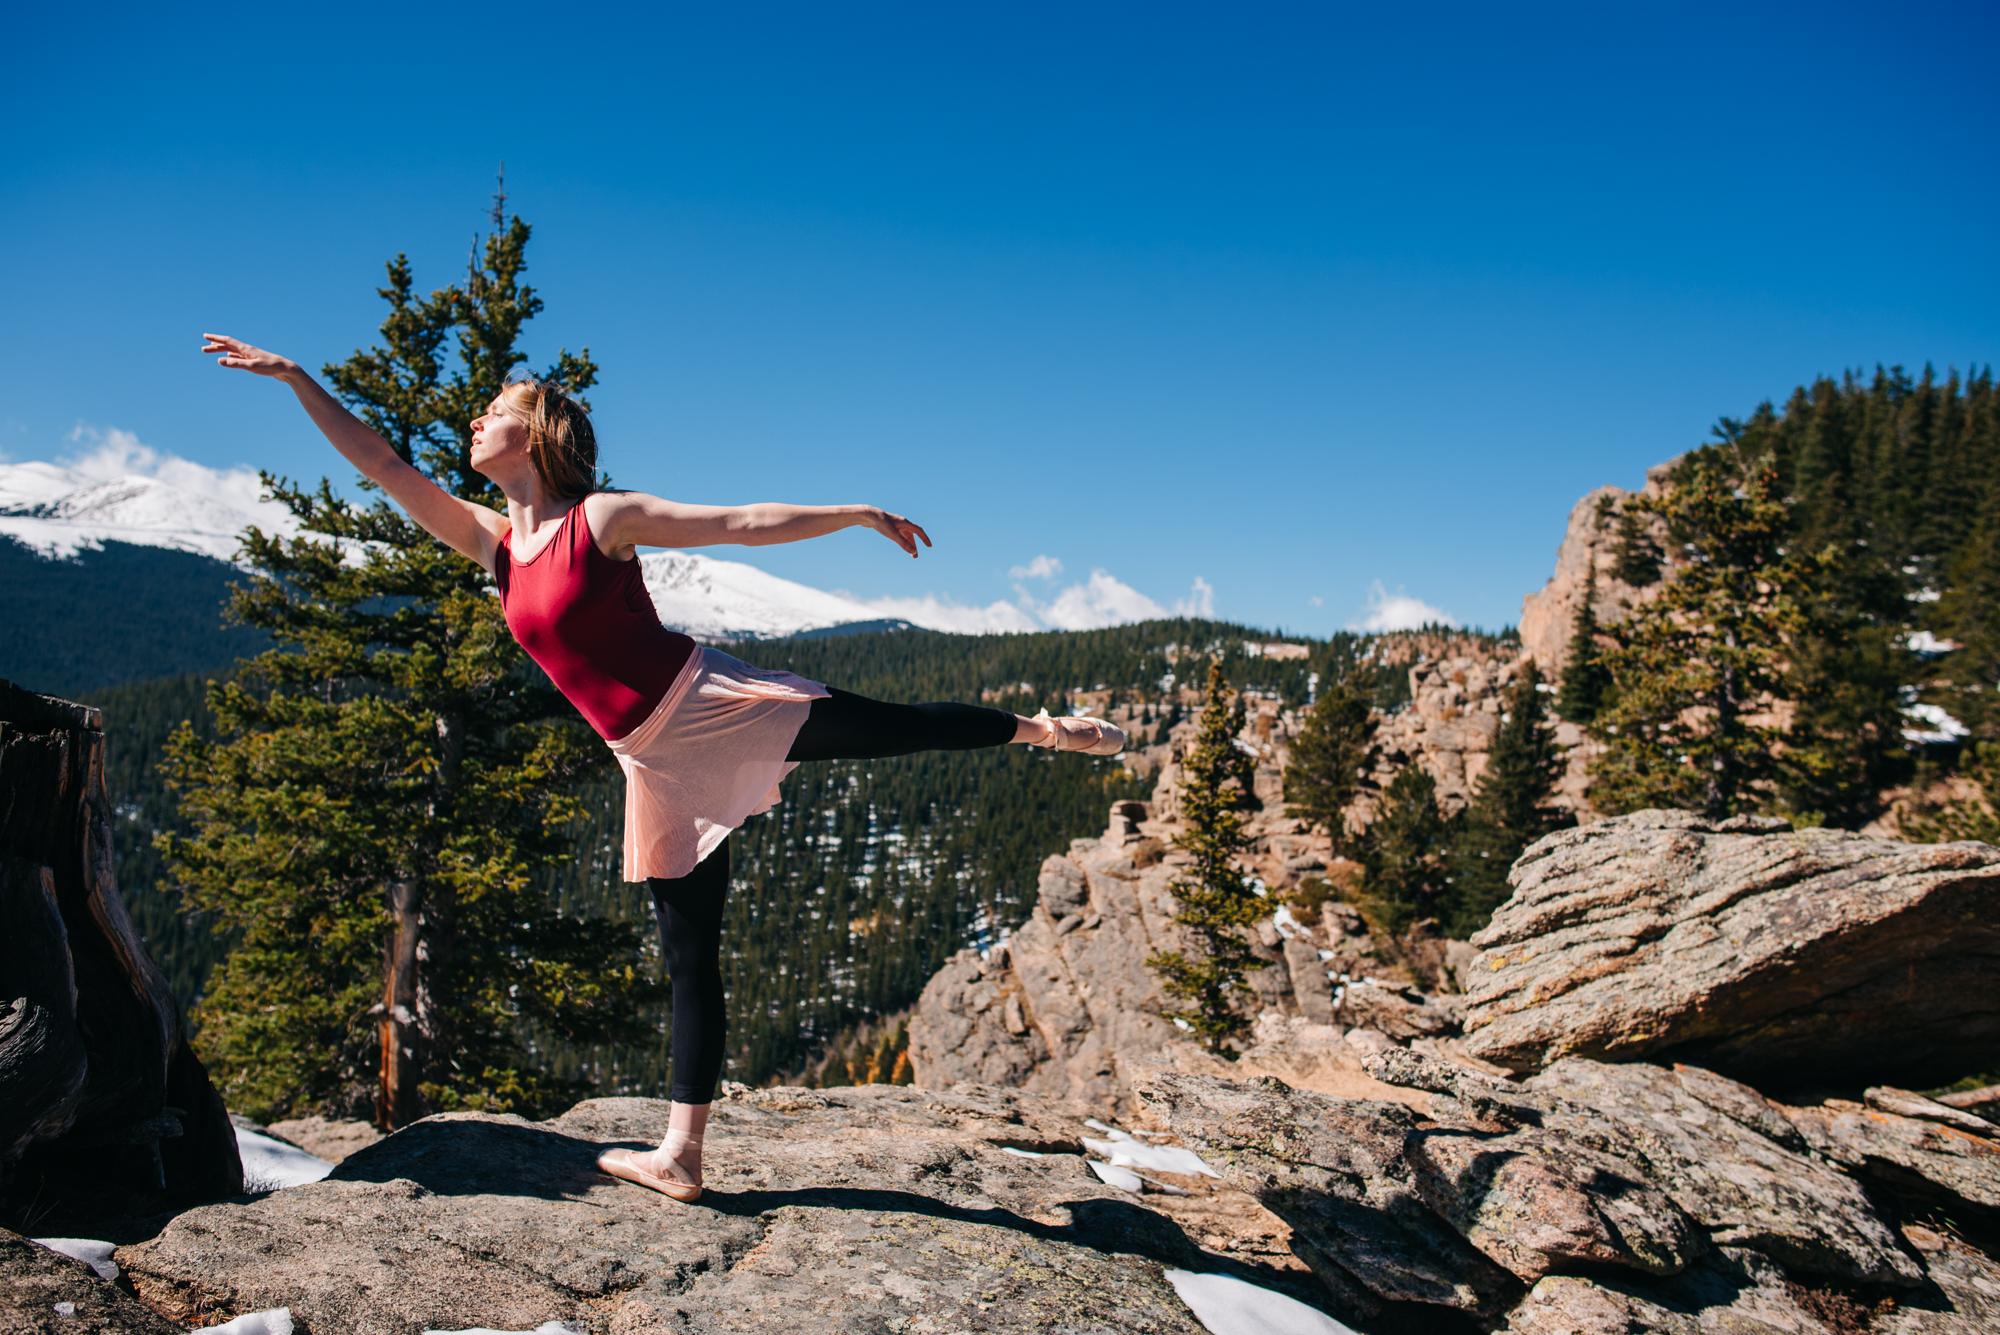 34-colorado-ballet-photographer-colorado-yoga-photographer-colorado-dance-photographer-denver-dance-photographer-denver-yoga-photographer-traveling-dance-photographerDSC_6571.jpg